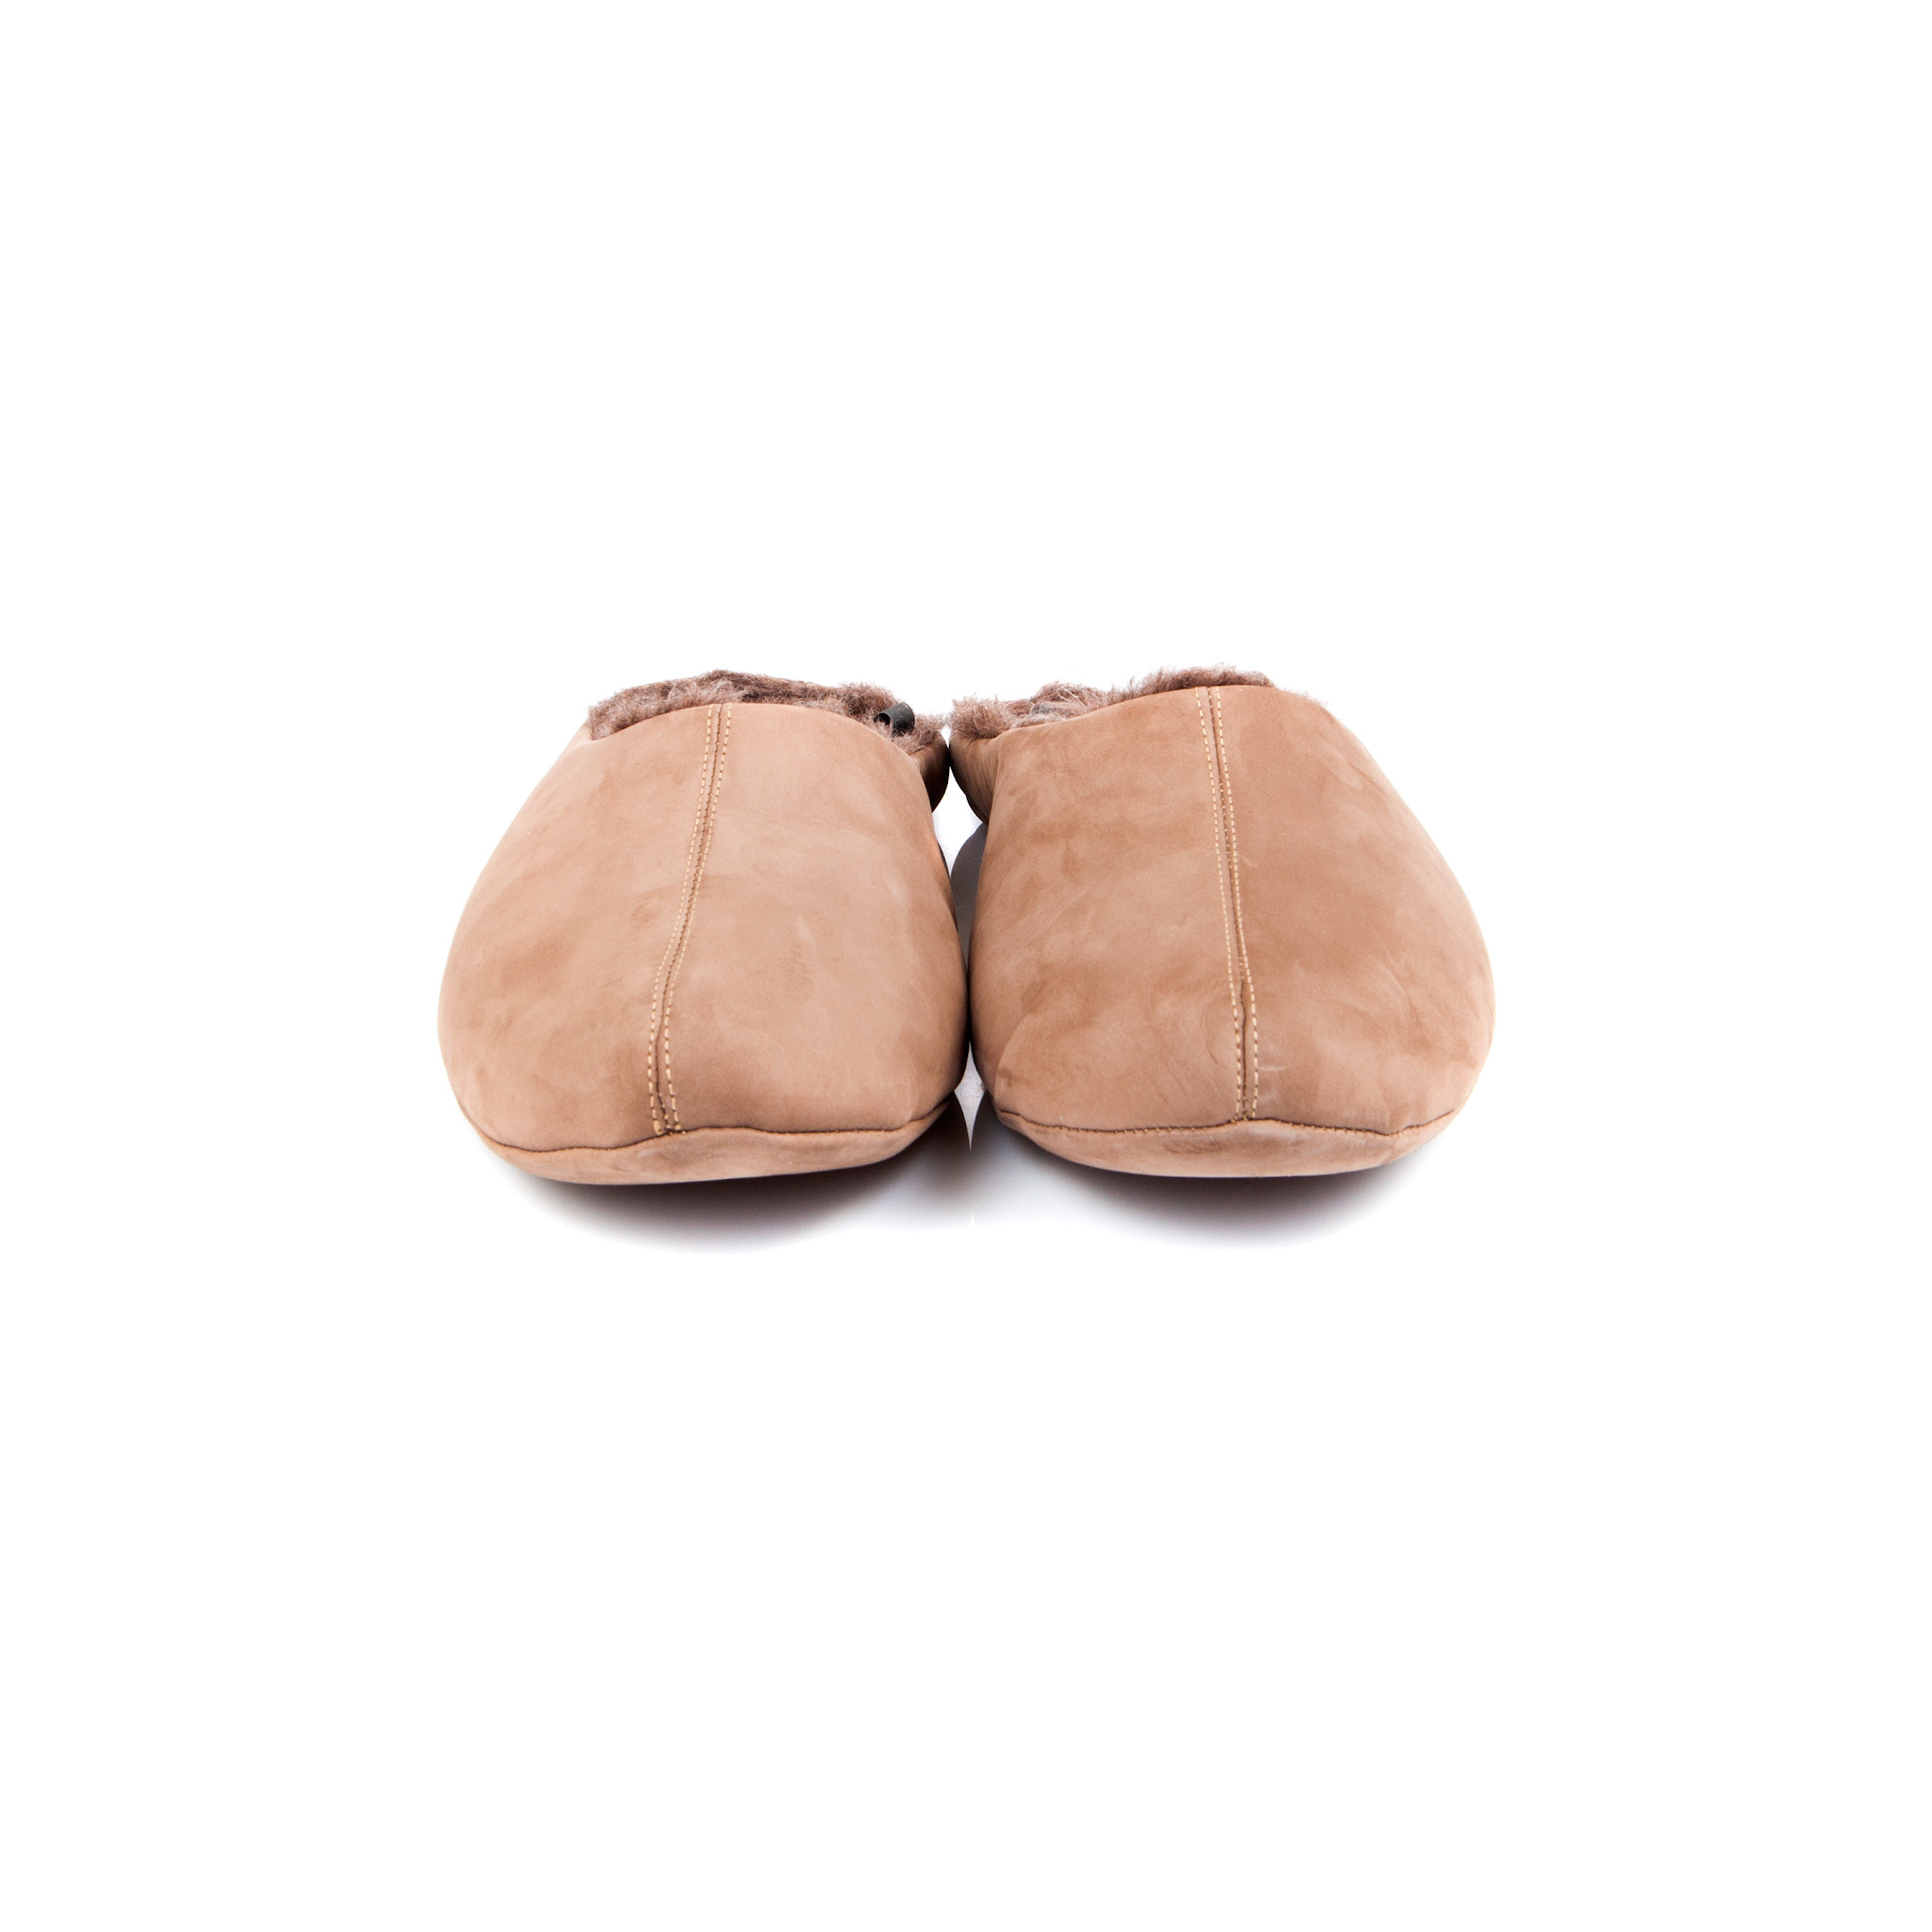 777137 туфли домашние мужские бежевые шерсть больших размеров марки Делфино